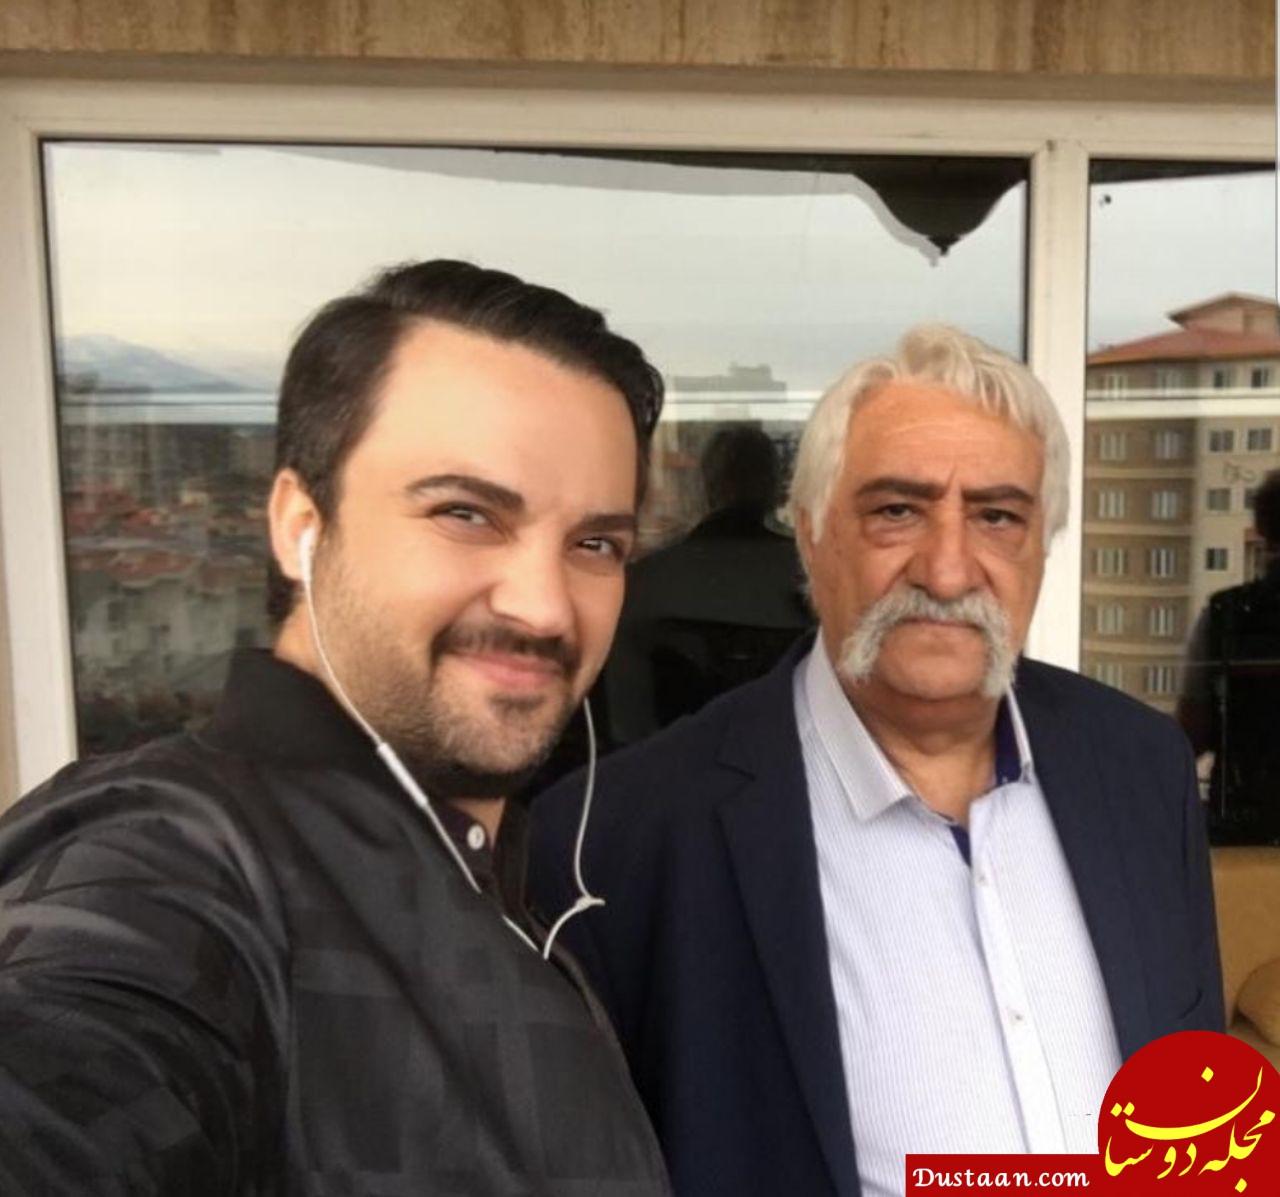 بیوگرافی و عکس های جذاب مهدی سلوکی و همسرش